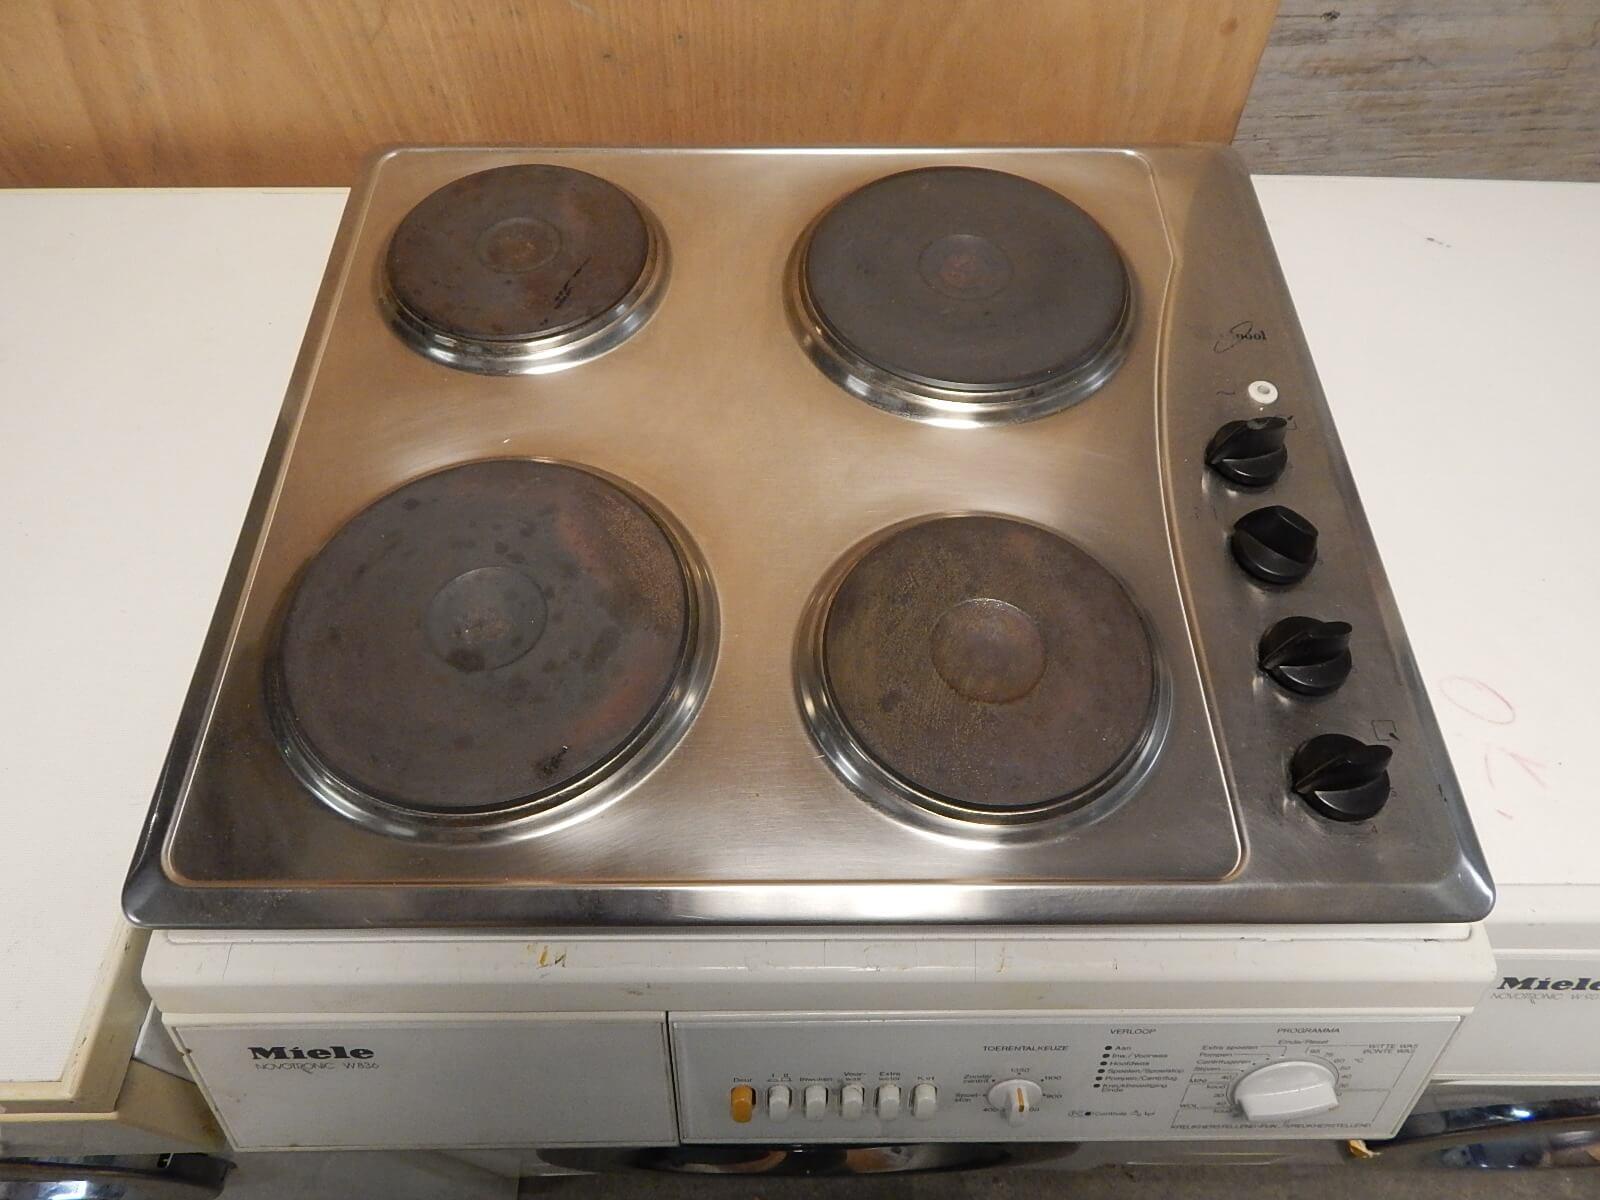 Elektrische kookplaat kopen